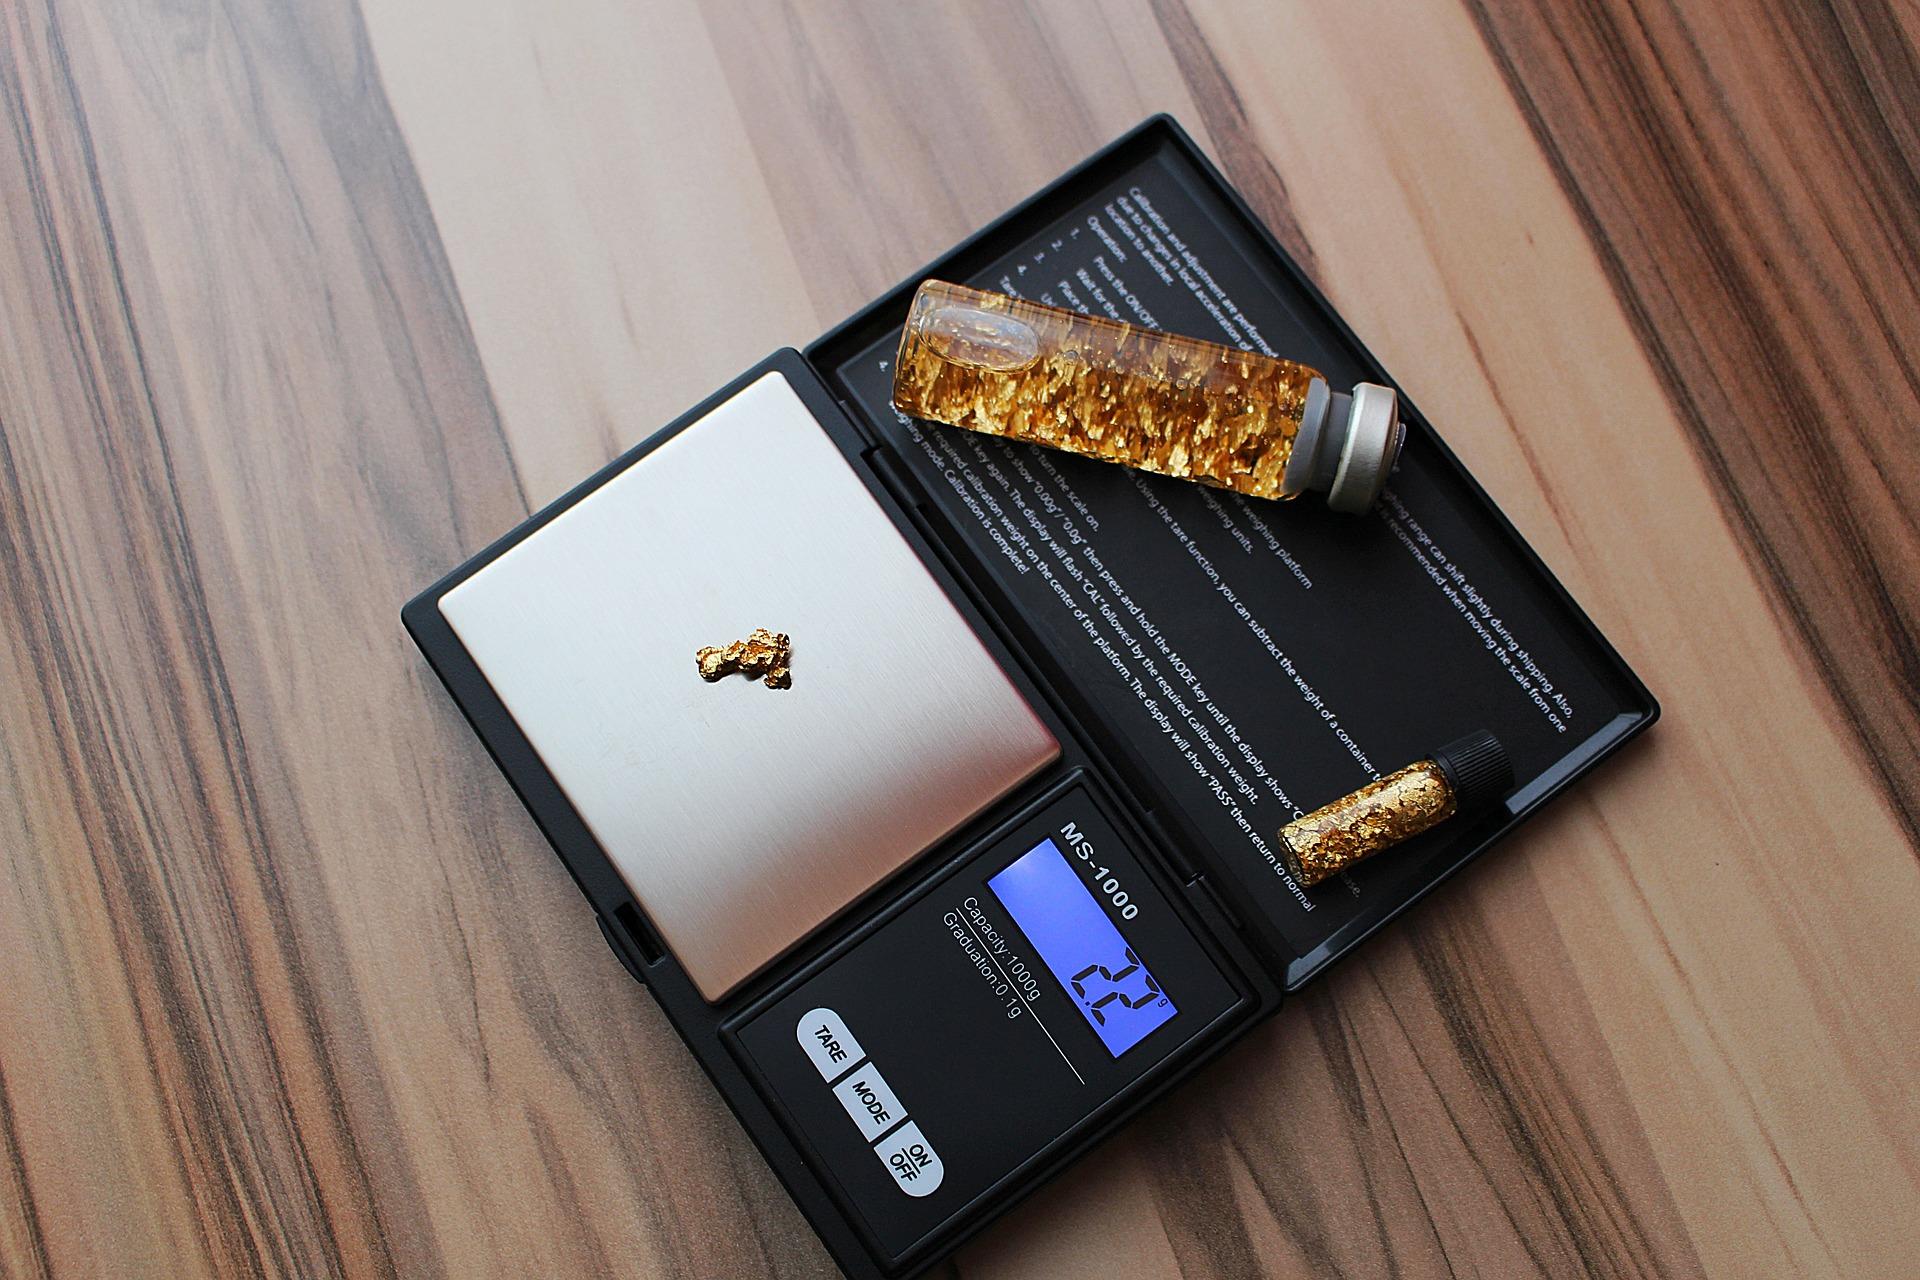 La permanence de l'or comme élément des dieux